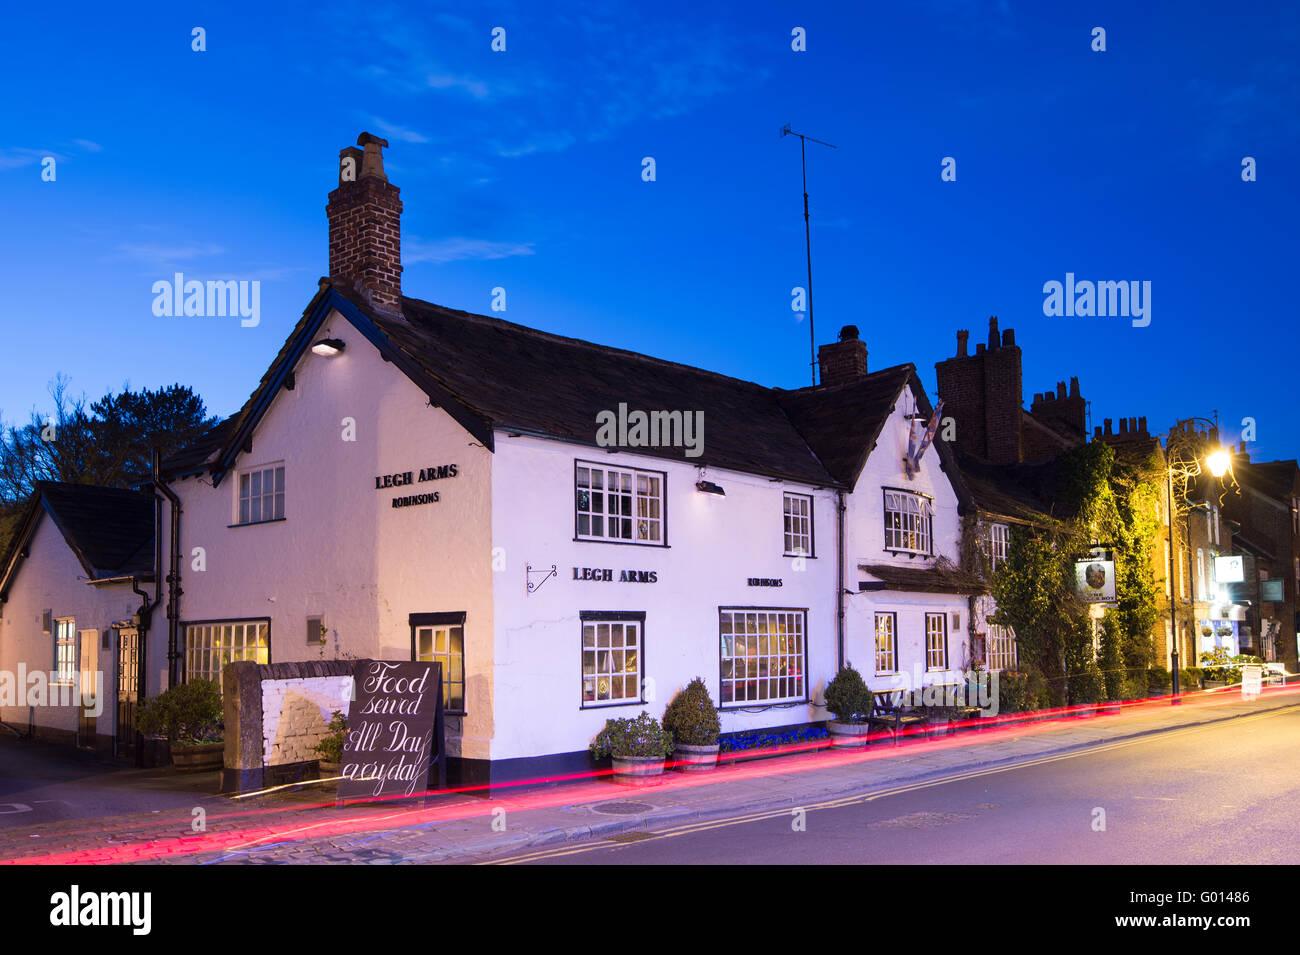 The Legh Arms in Prestbury Village, at Night, Prestbury, Near Macclesfield, Cheshire. Stock Photo